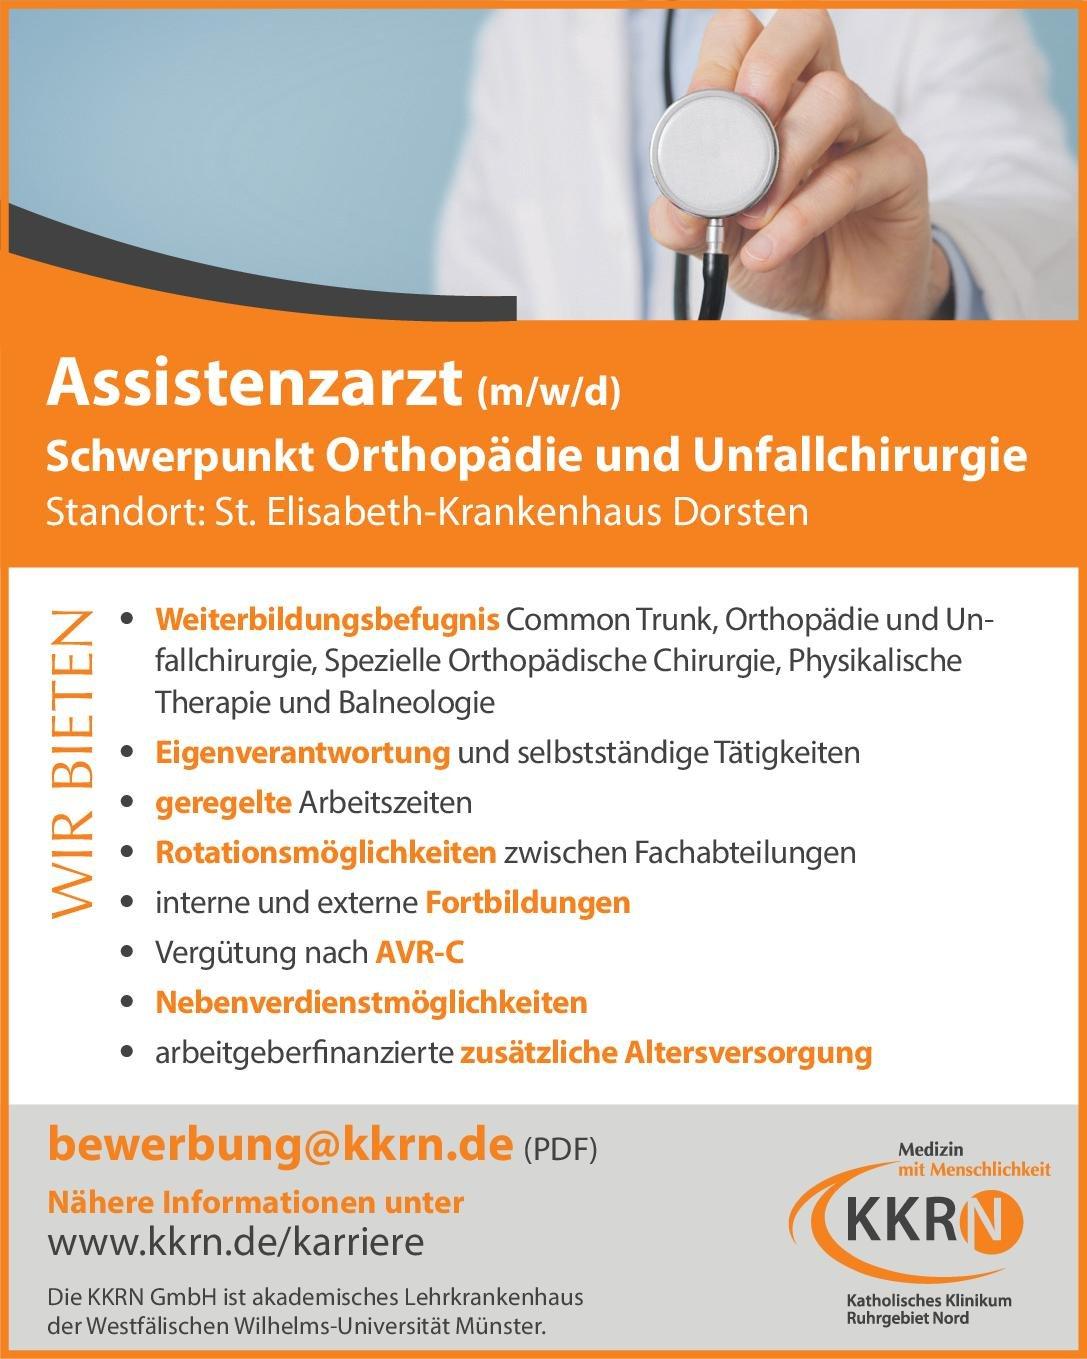 St. Elisabeth-Krankenhaus Dorsten Assistenzarzt (m/w/d) Schwerpunkt Orthopädie und Unfallchirurgie  Orthopädie und Unfallchirurgie, Chirurgie Assistenzarzt / Arzt in Weiterbildung